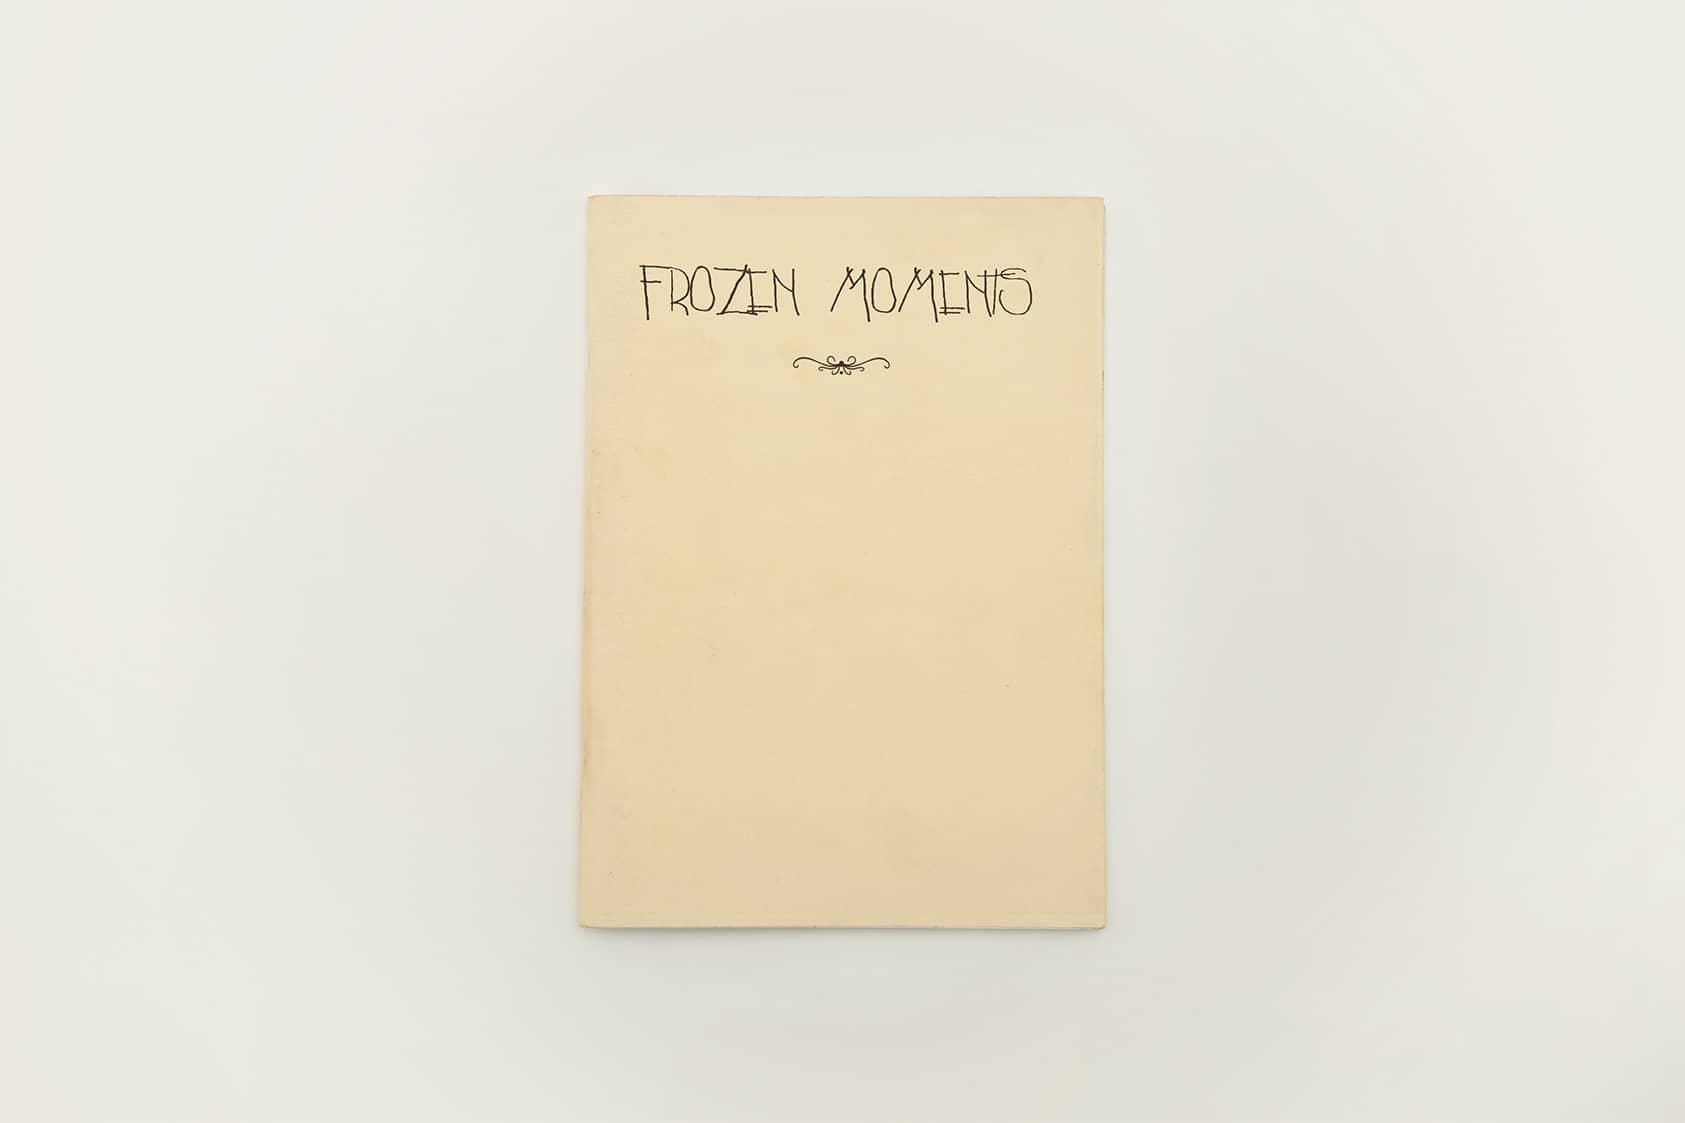 Frozen Moments, una revista recopilación de dibujos e ilustraciones. Arte y momentos congelados.